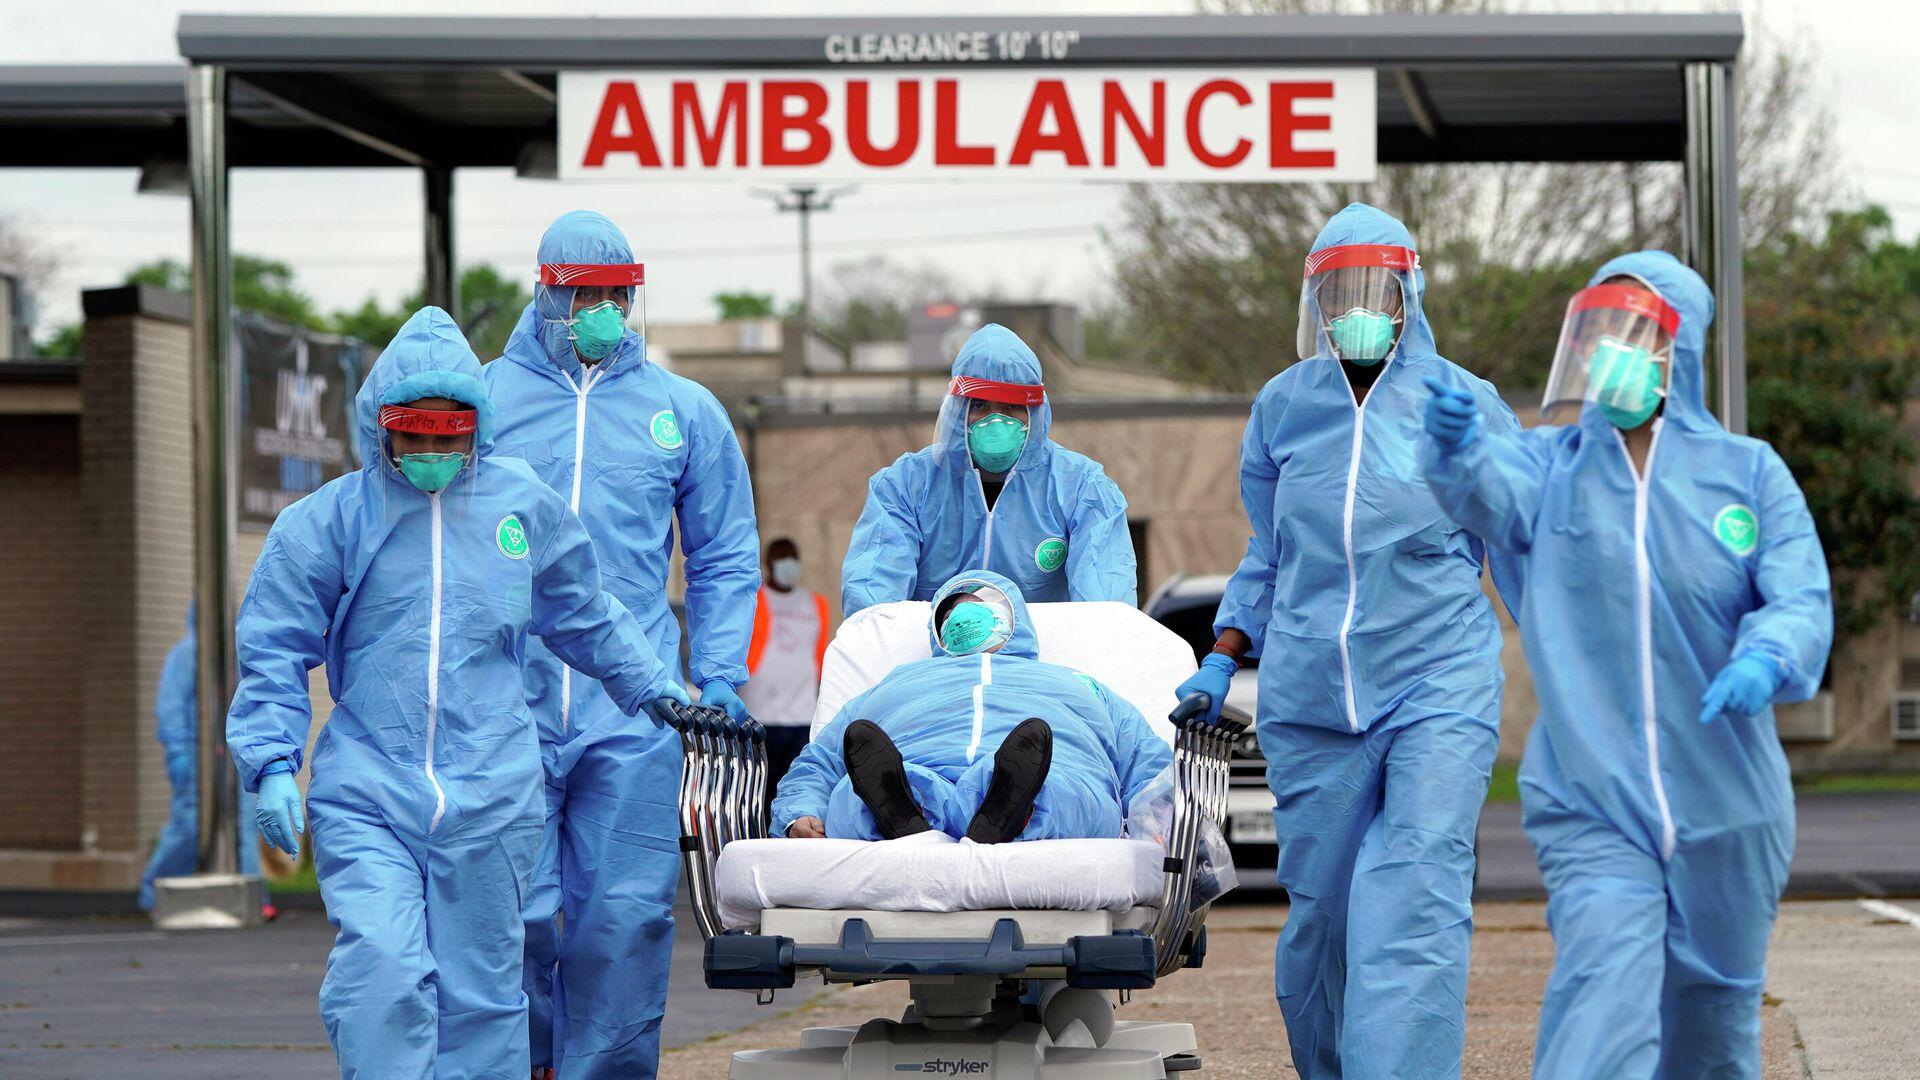 Пациента на носилках доставляют в Объединенный мемориальный медицинский центр в Хьюстоне - РИА Новости, 1920, 05.12.2020